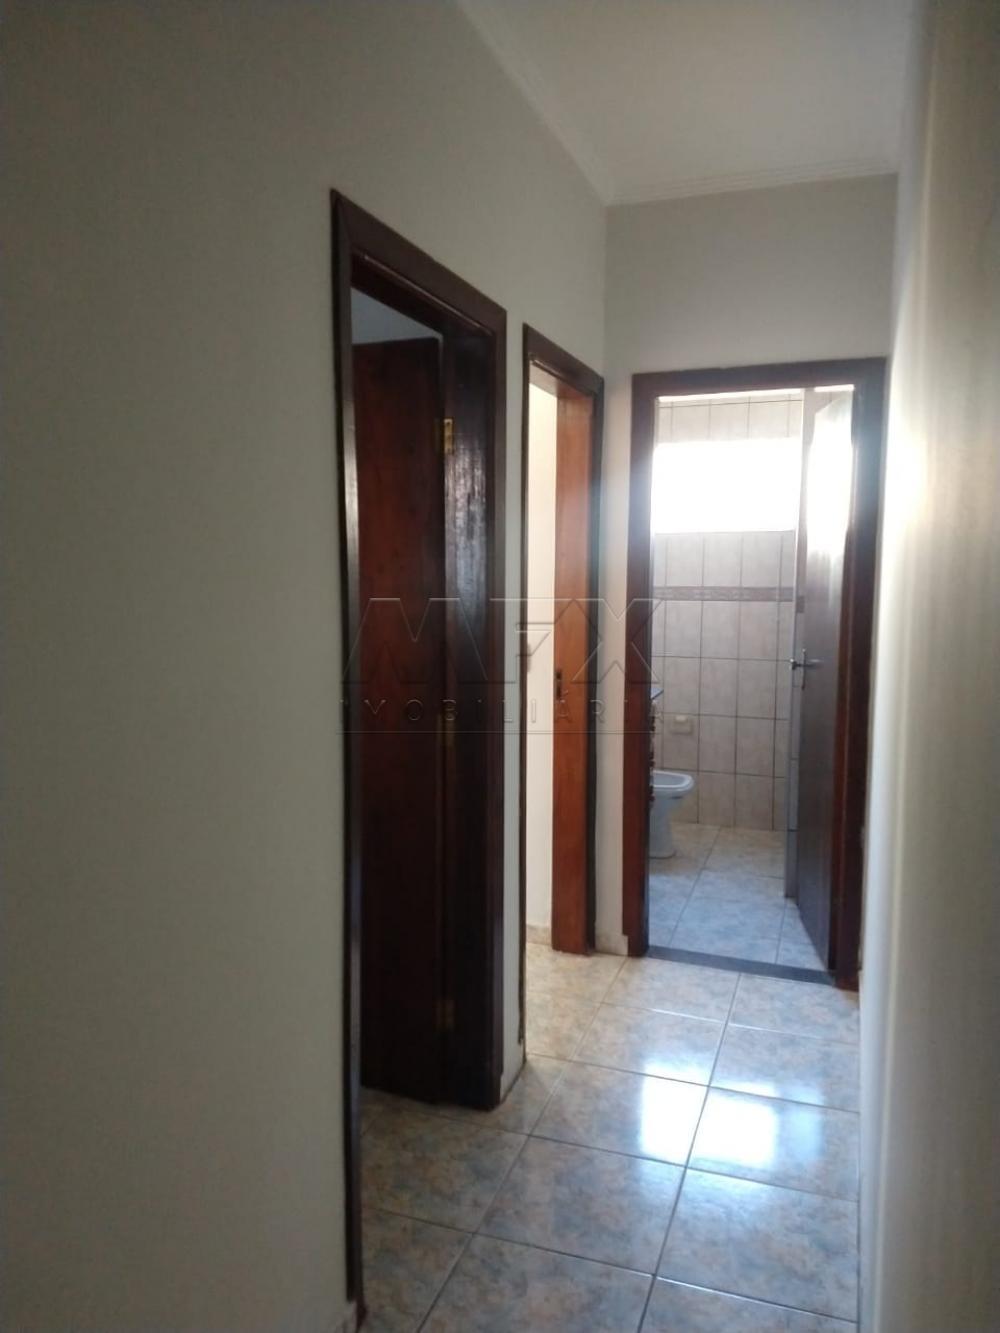 Comprar Casa / Padrão em Bauru R$ 300.000,00 - Foto 9